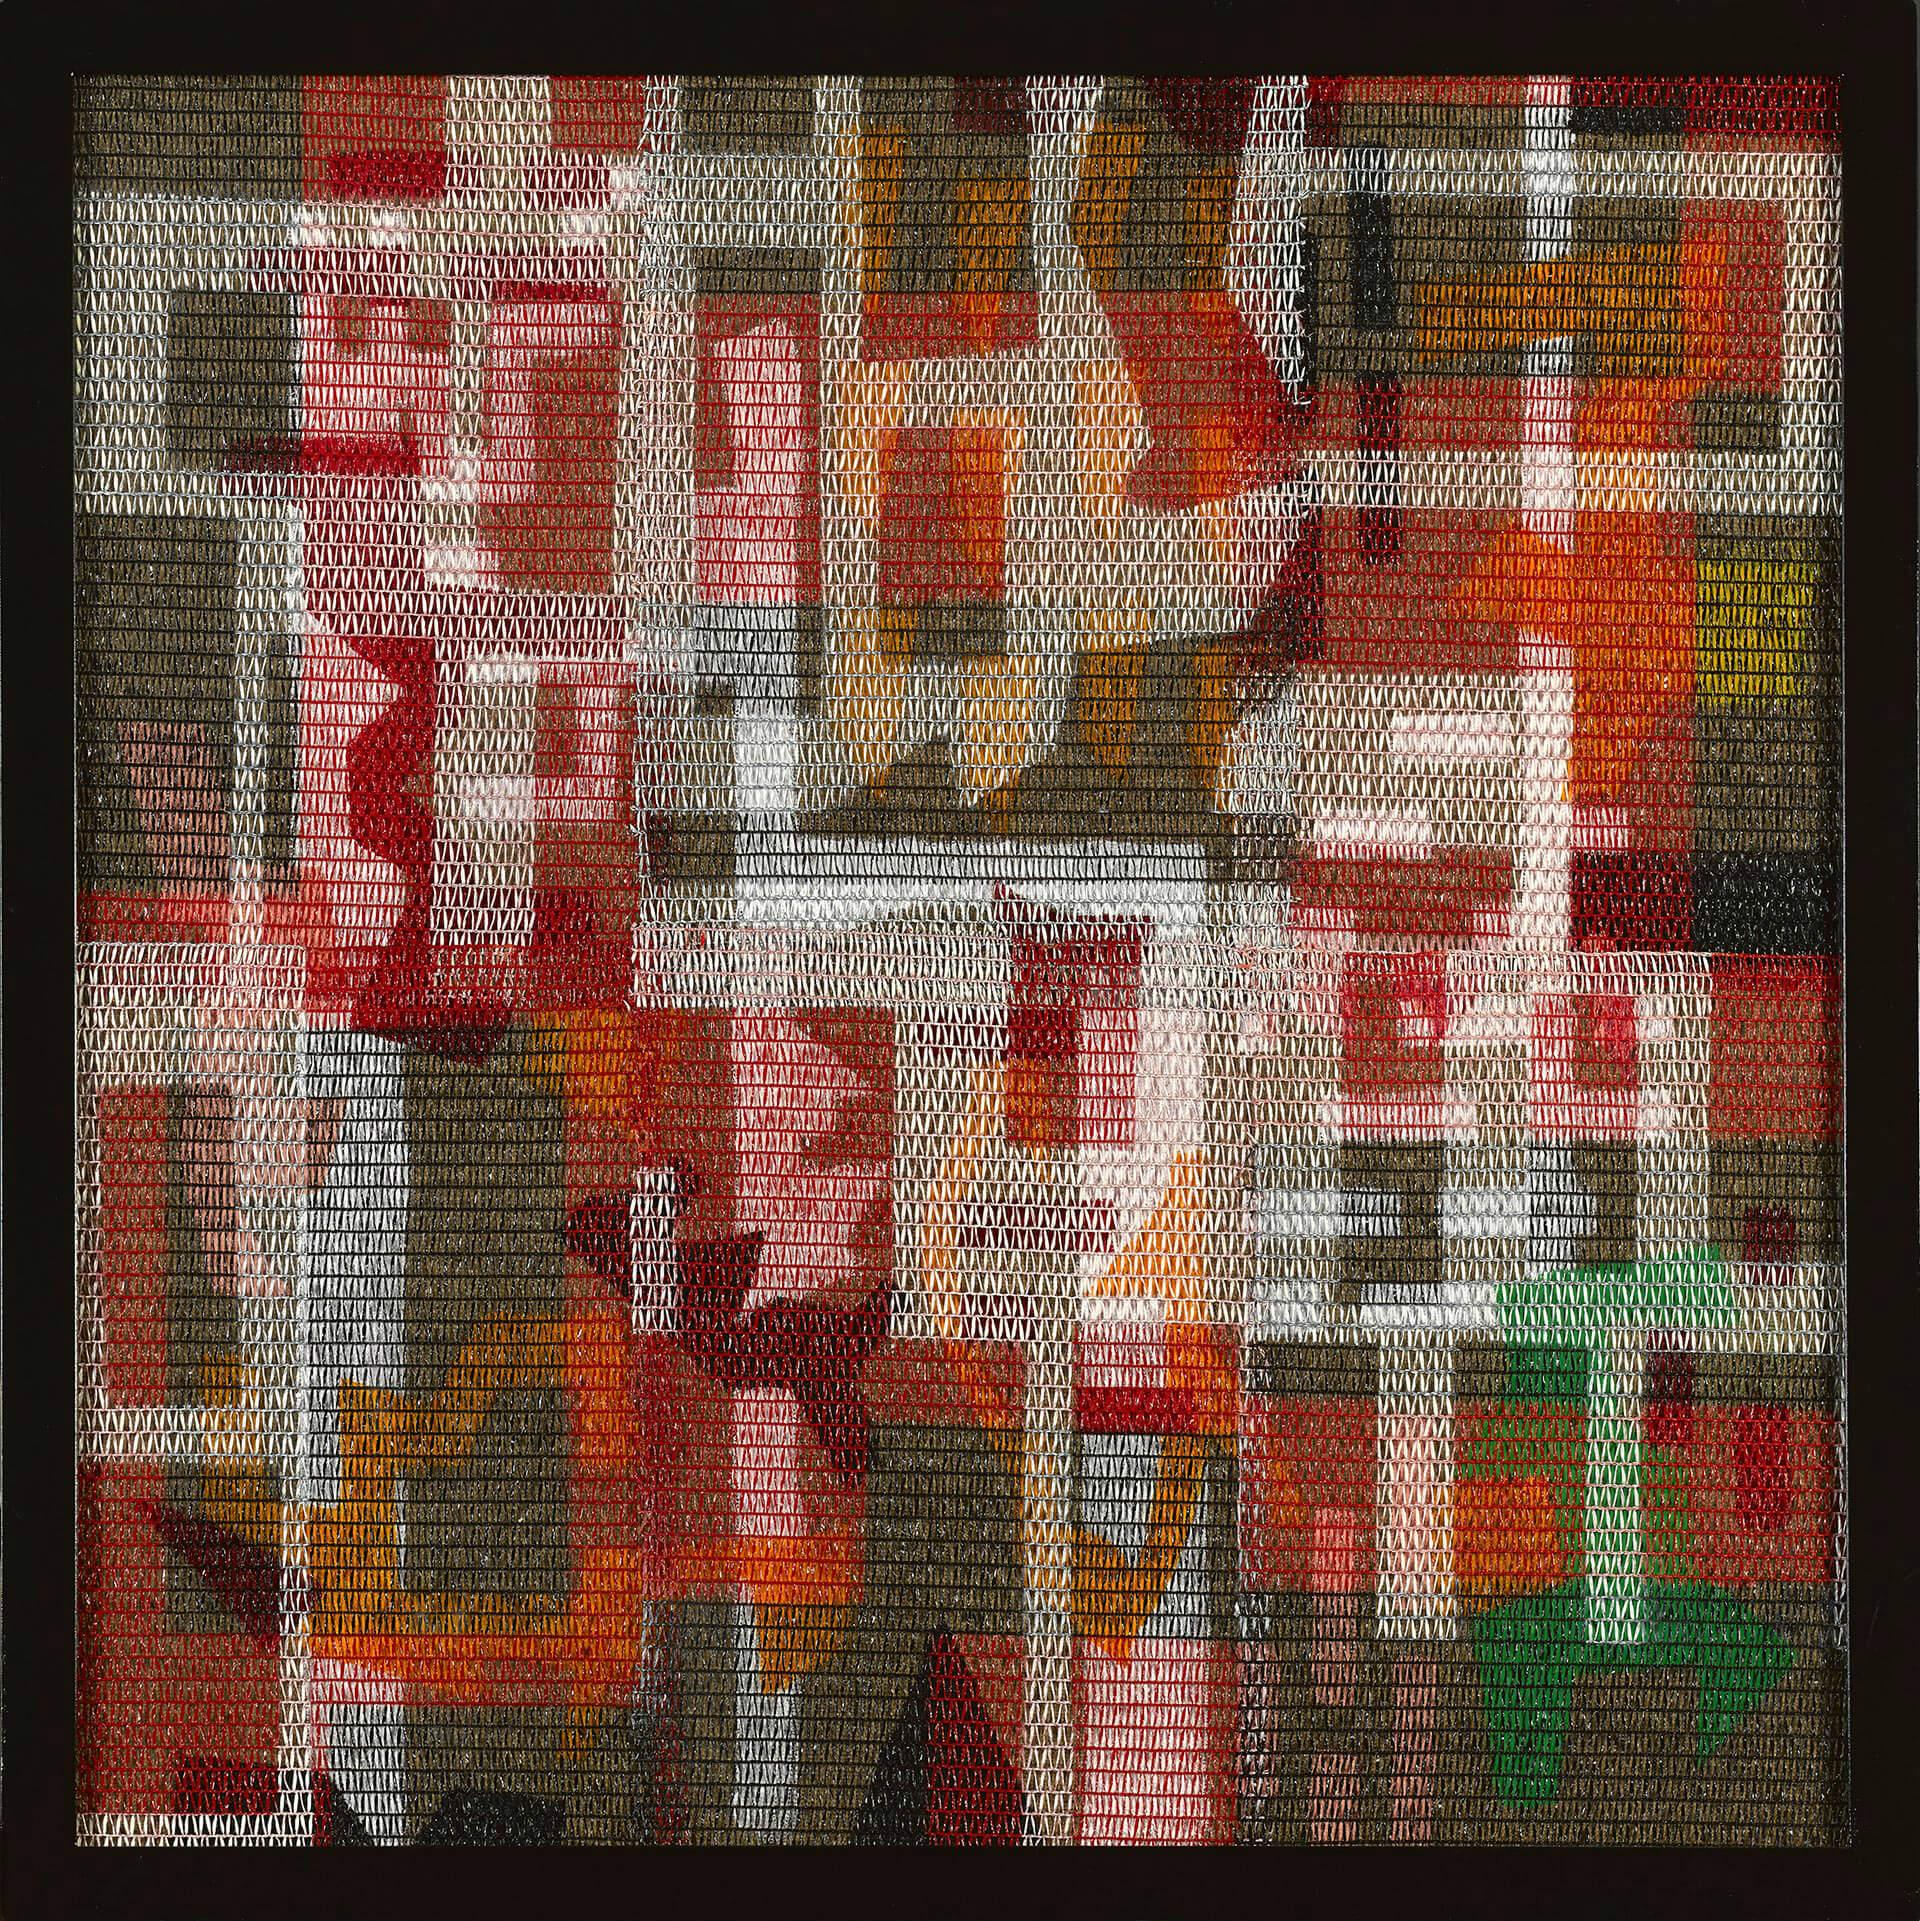 Jean-Sébastien BOURDIN - L'antre deux - Toile de jute, acrylique/Polypropylène, peinture glycérophtalique - 100 x 100 cm